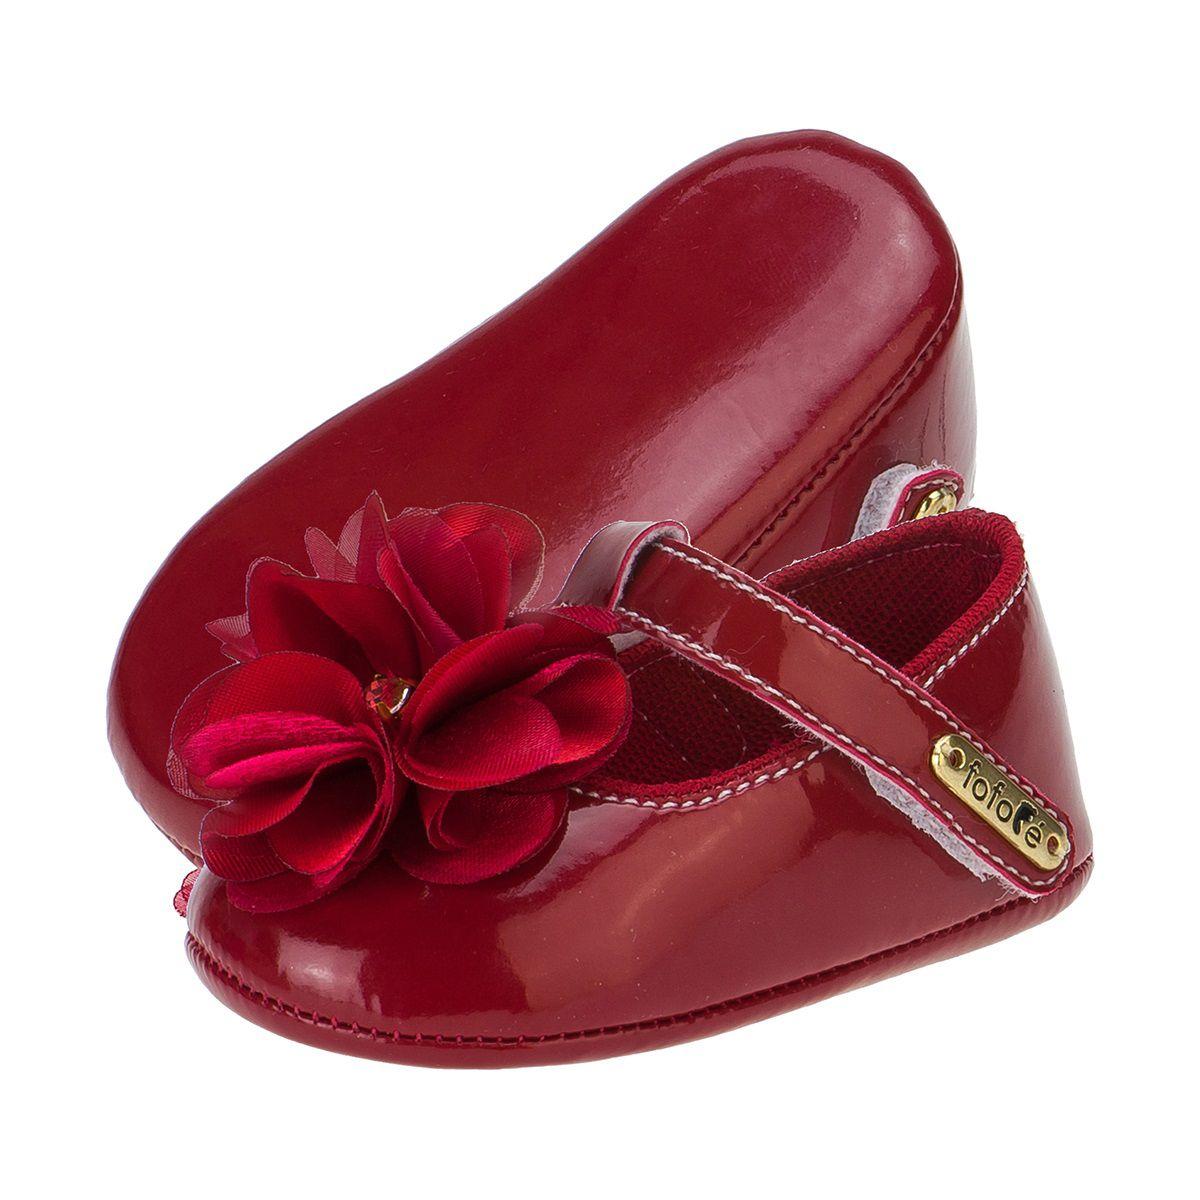 Sapato Boneca Menina Flor Vermelha - FOFOPÉ